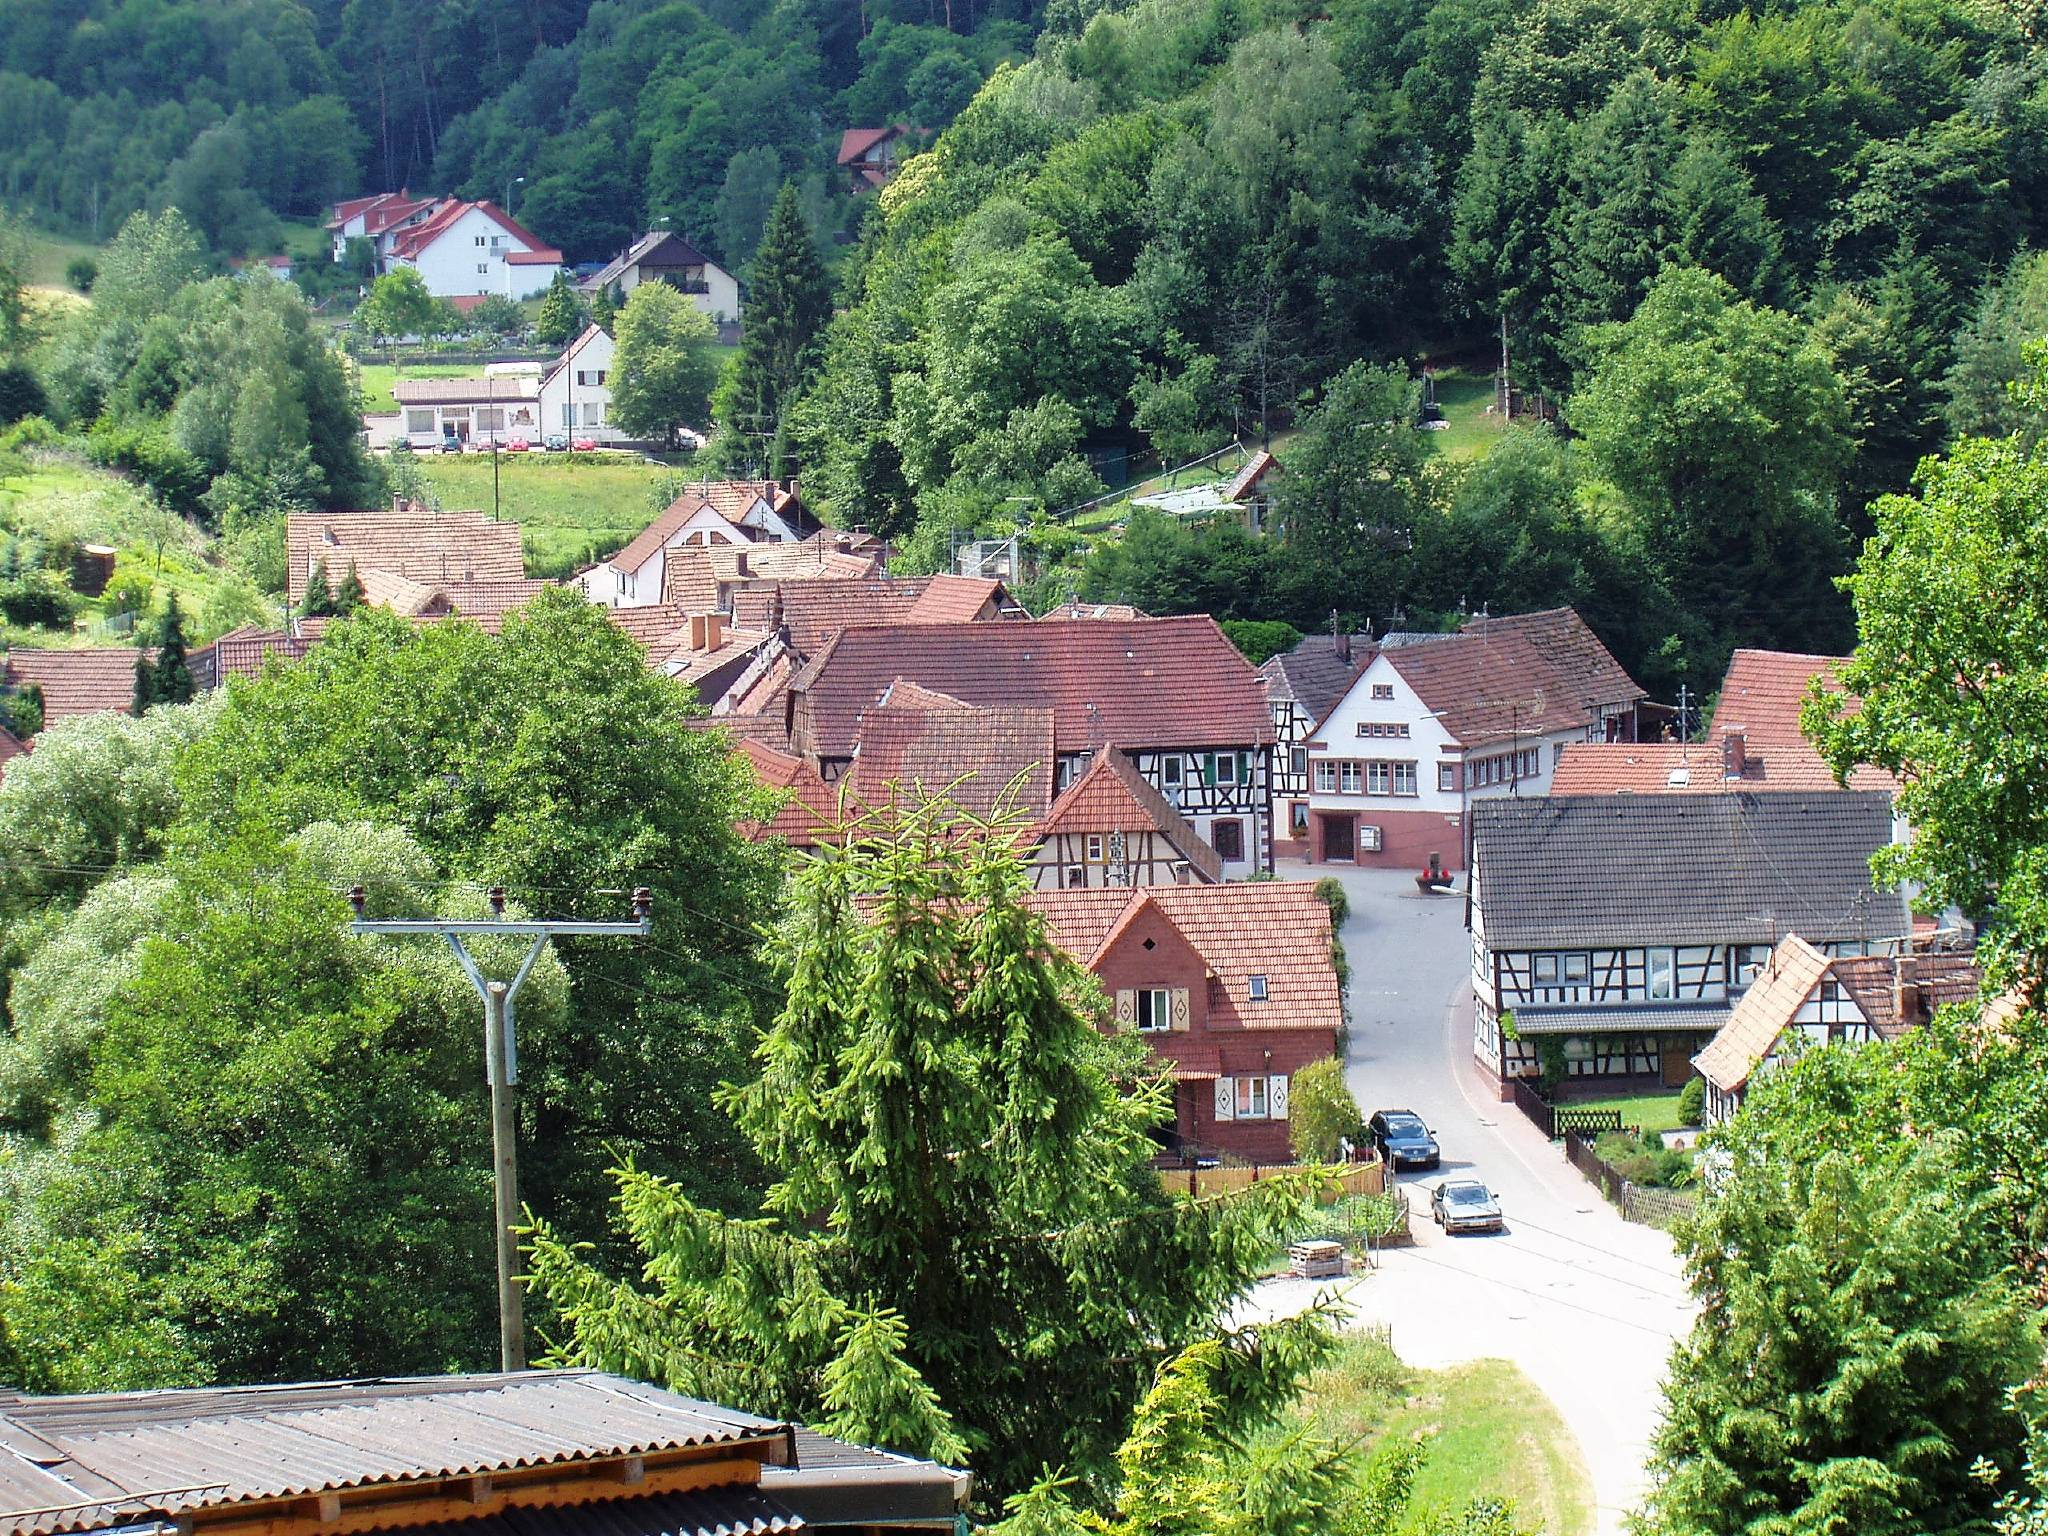 Natur pur mit typischen Felsen der Pfalz